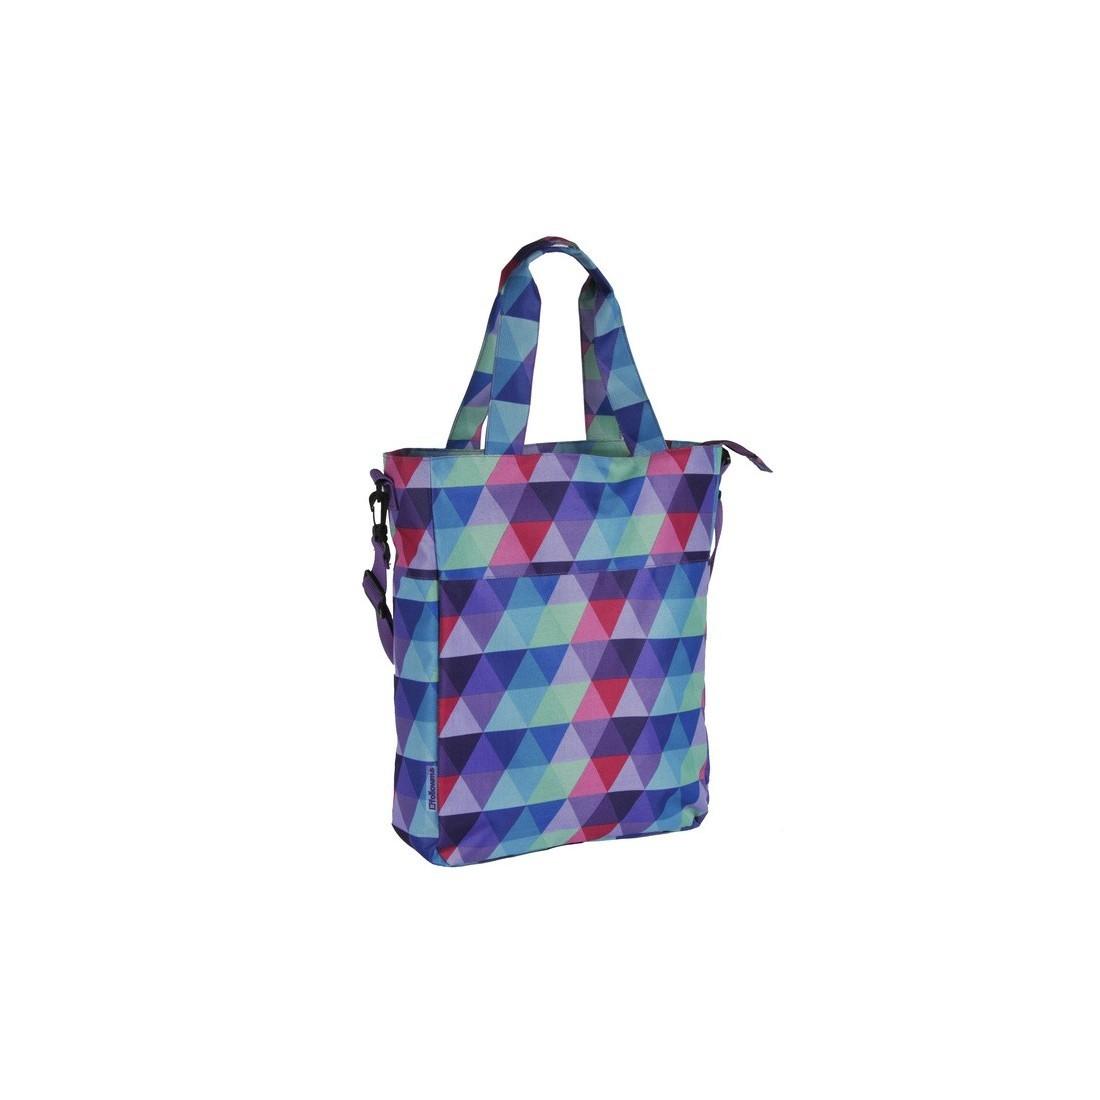 Torba na ramię miejska w kolorowe trójkąty - plecak-tornister.pl